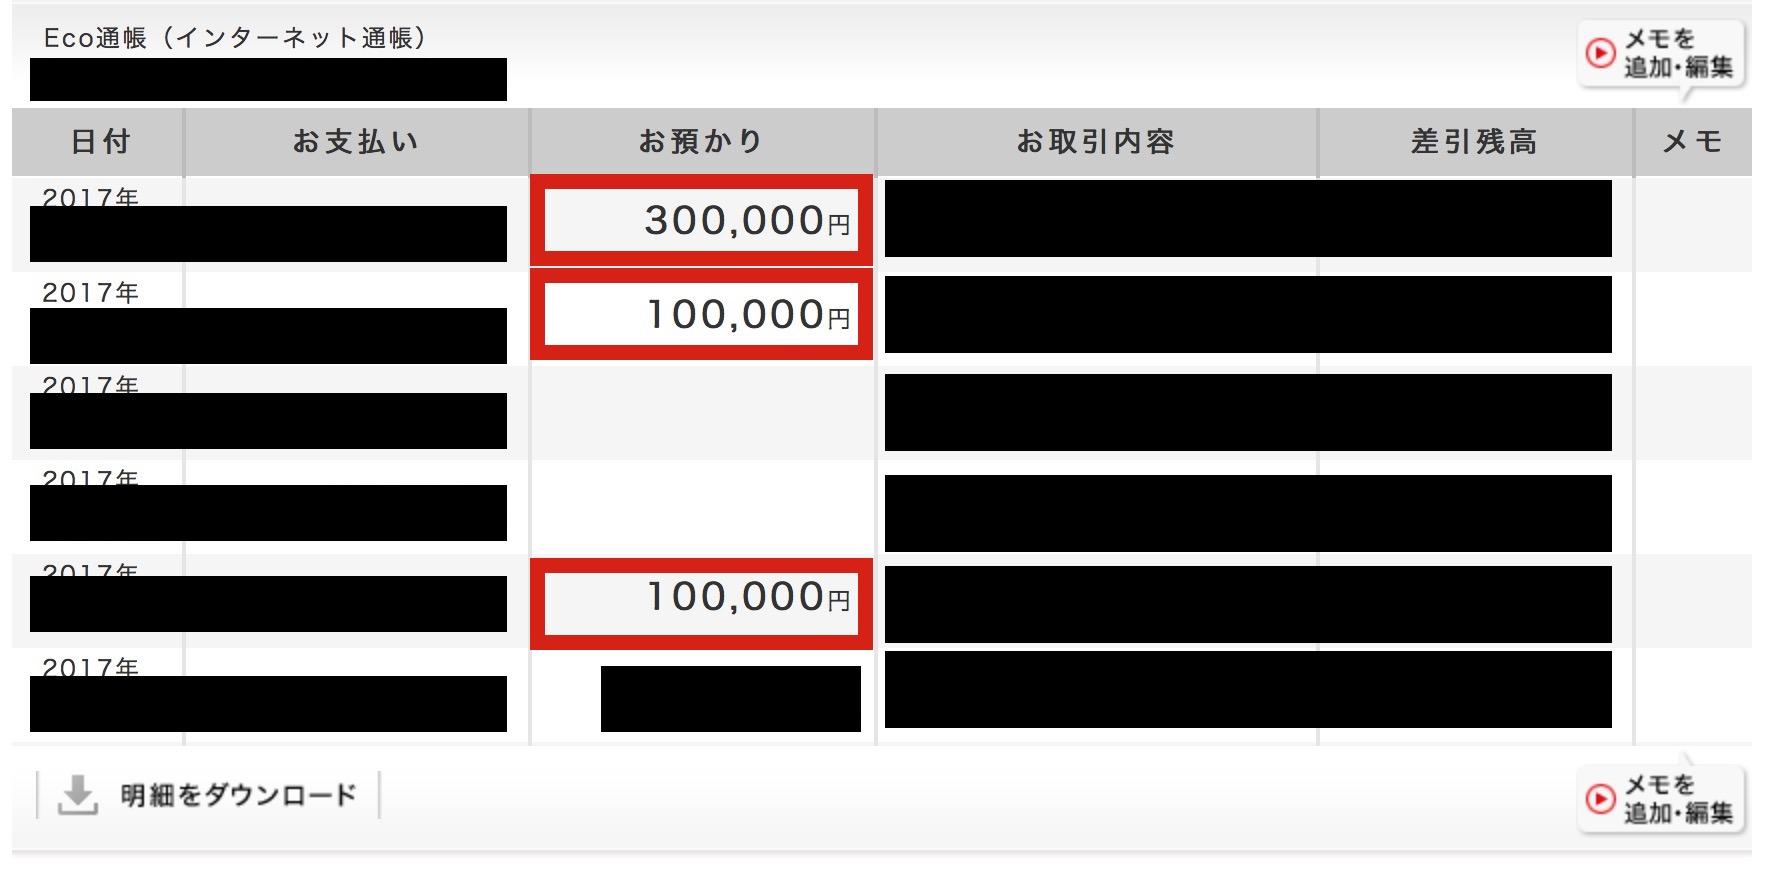 (ネットバンクの画像‥高額なコンサル依頼が殺到中‥)